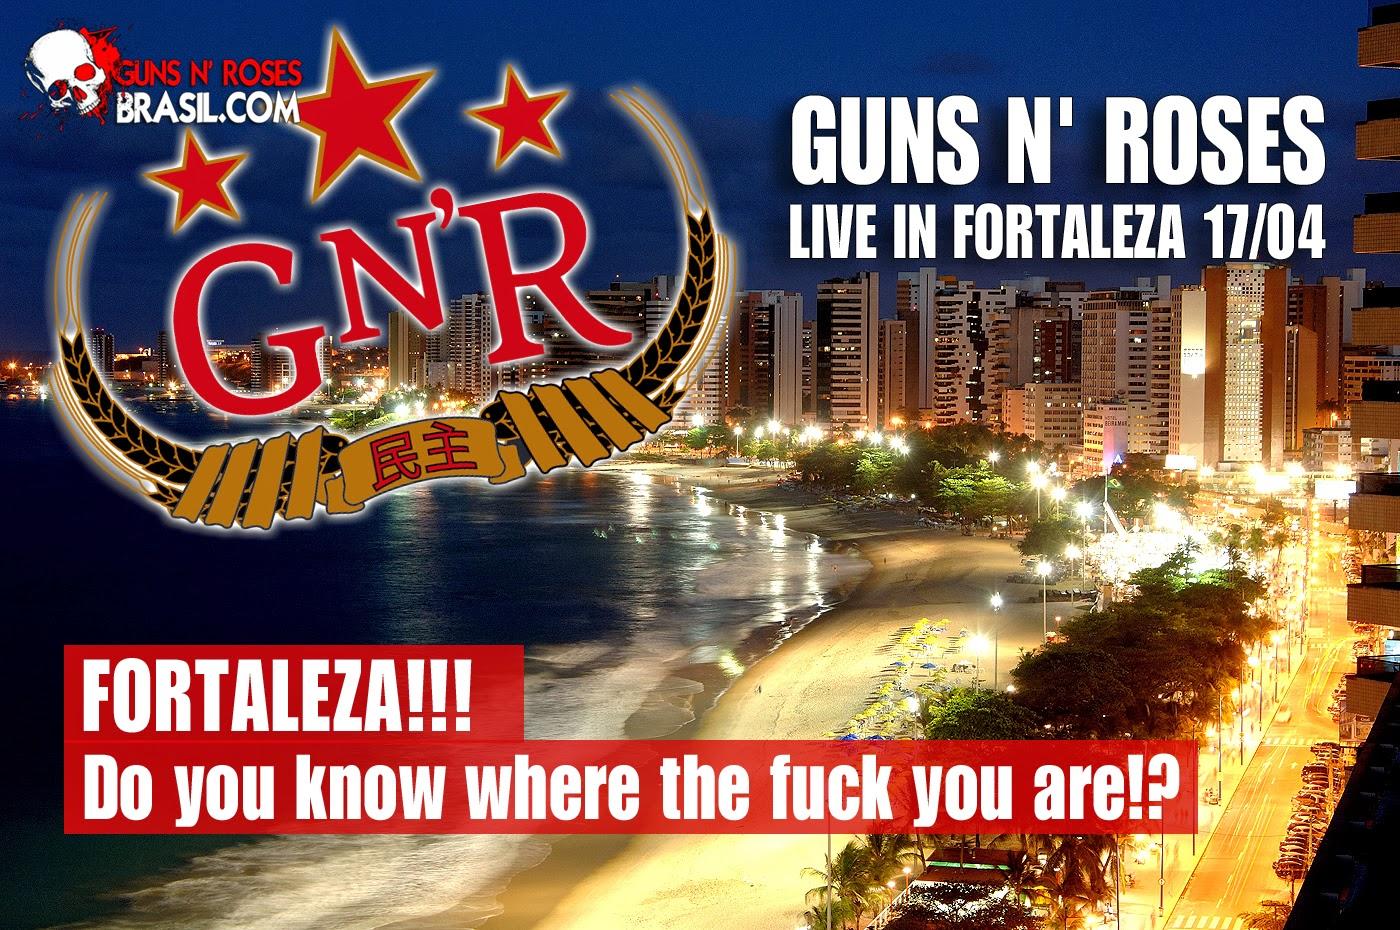 Ingressos Do Show De Guns N Roses Em Fortaleza Variam: DIVA POP NEWS